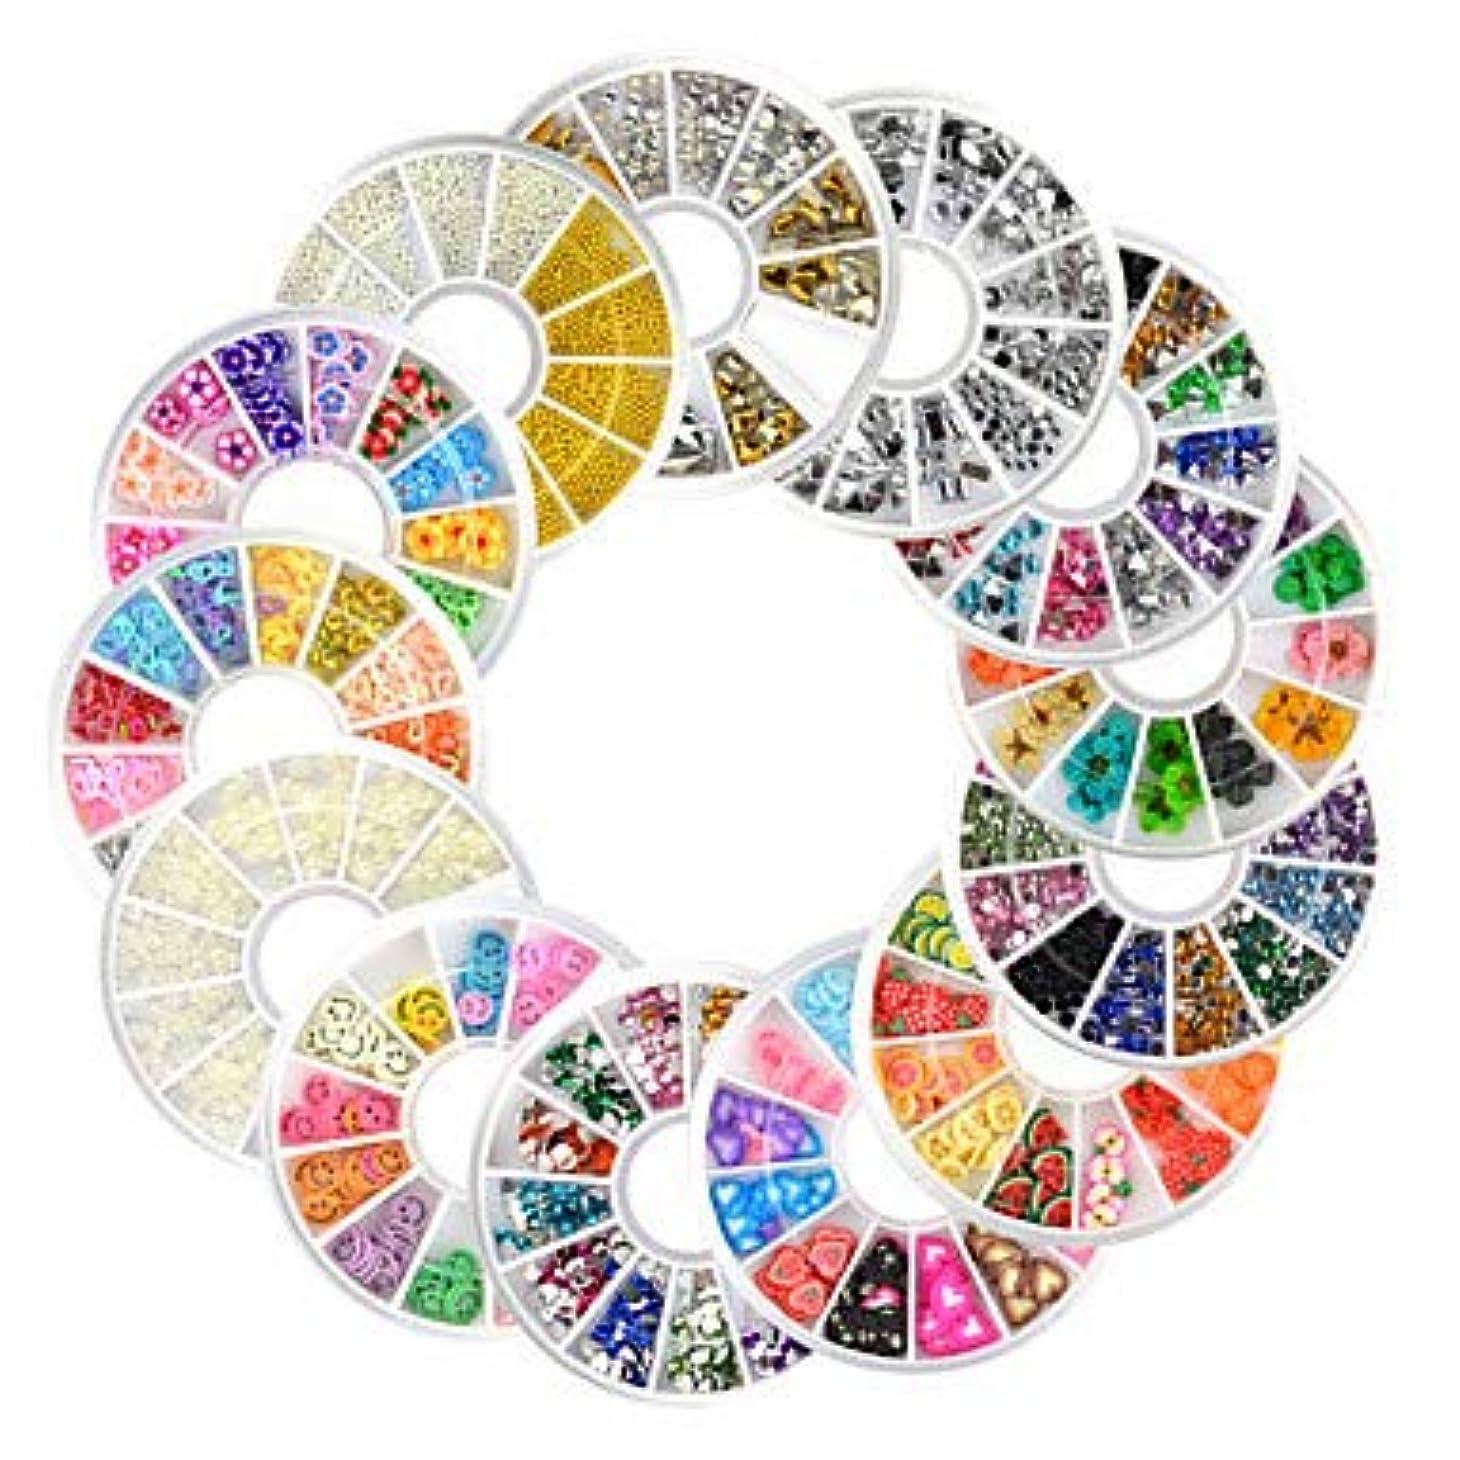 相談シャーク大理石13ピース新しいネイルアートラインストーングリッターアクリルのヒントマニキュアホイールfimoパールスタッド合金ネイルデコレーション